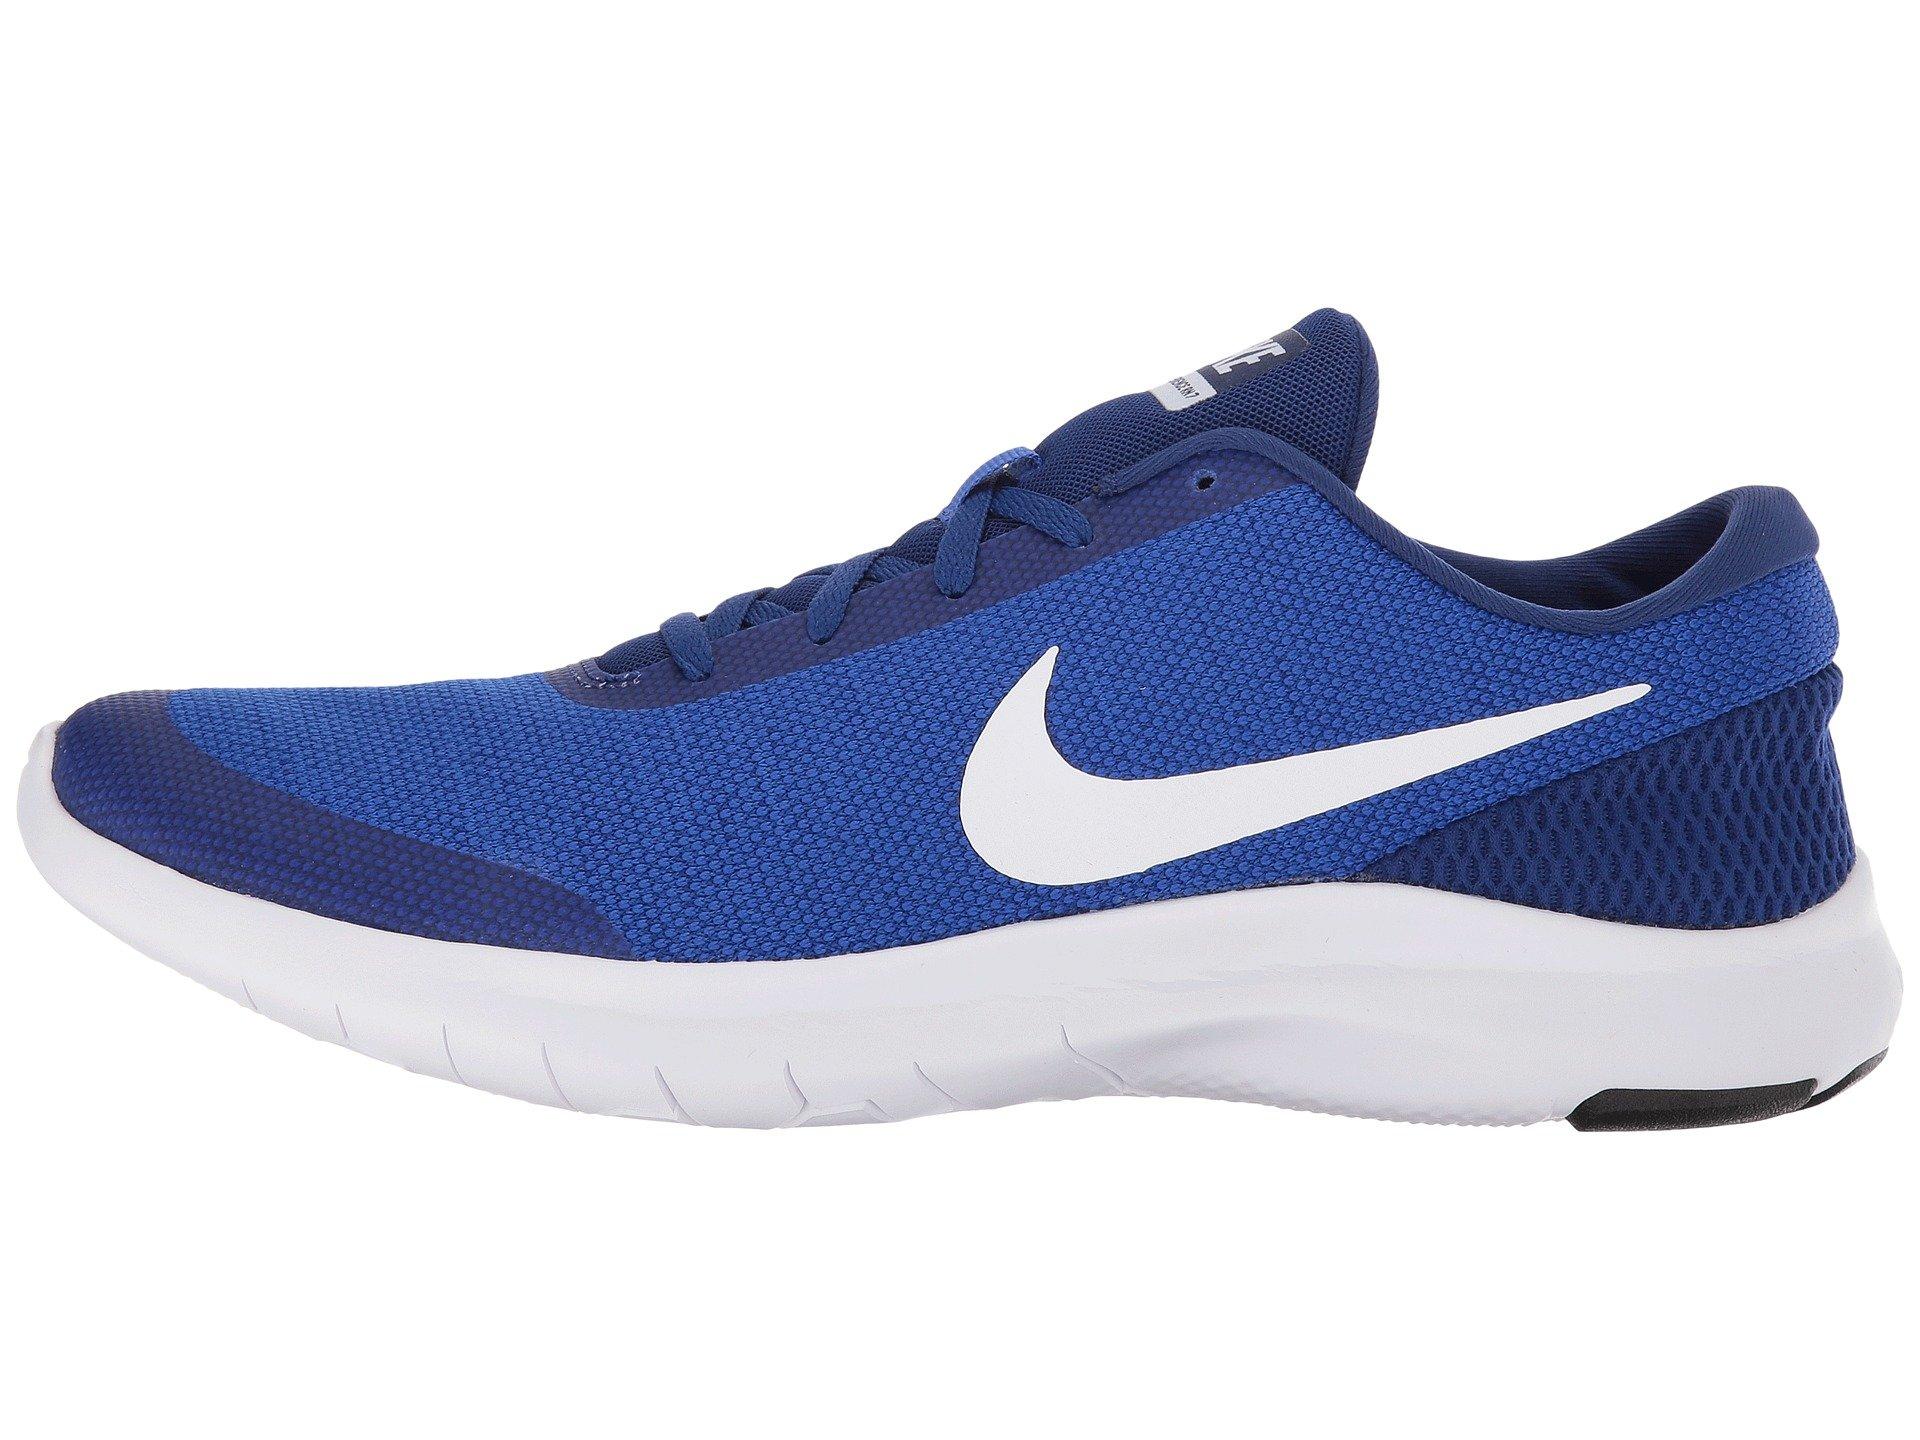 Olive Nike Sock Dart Se Online  0074123b81af